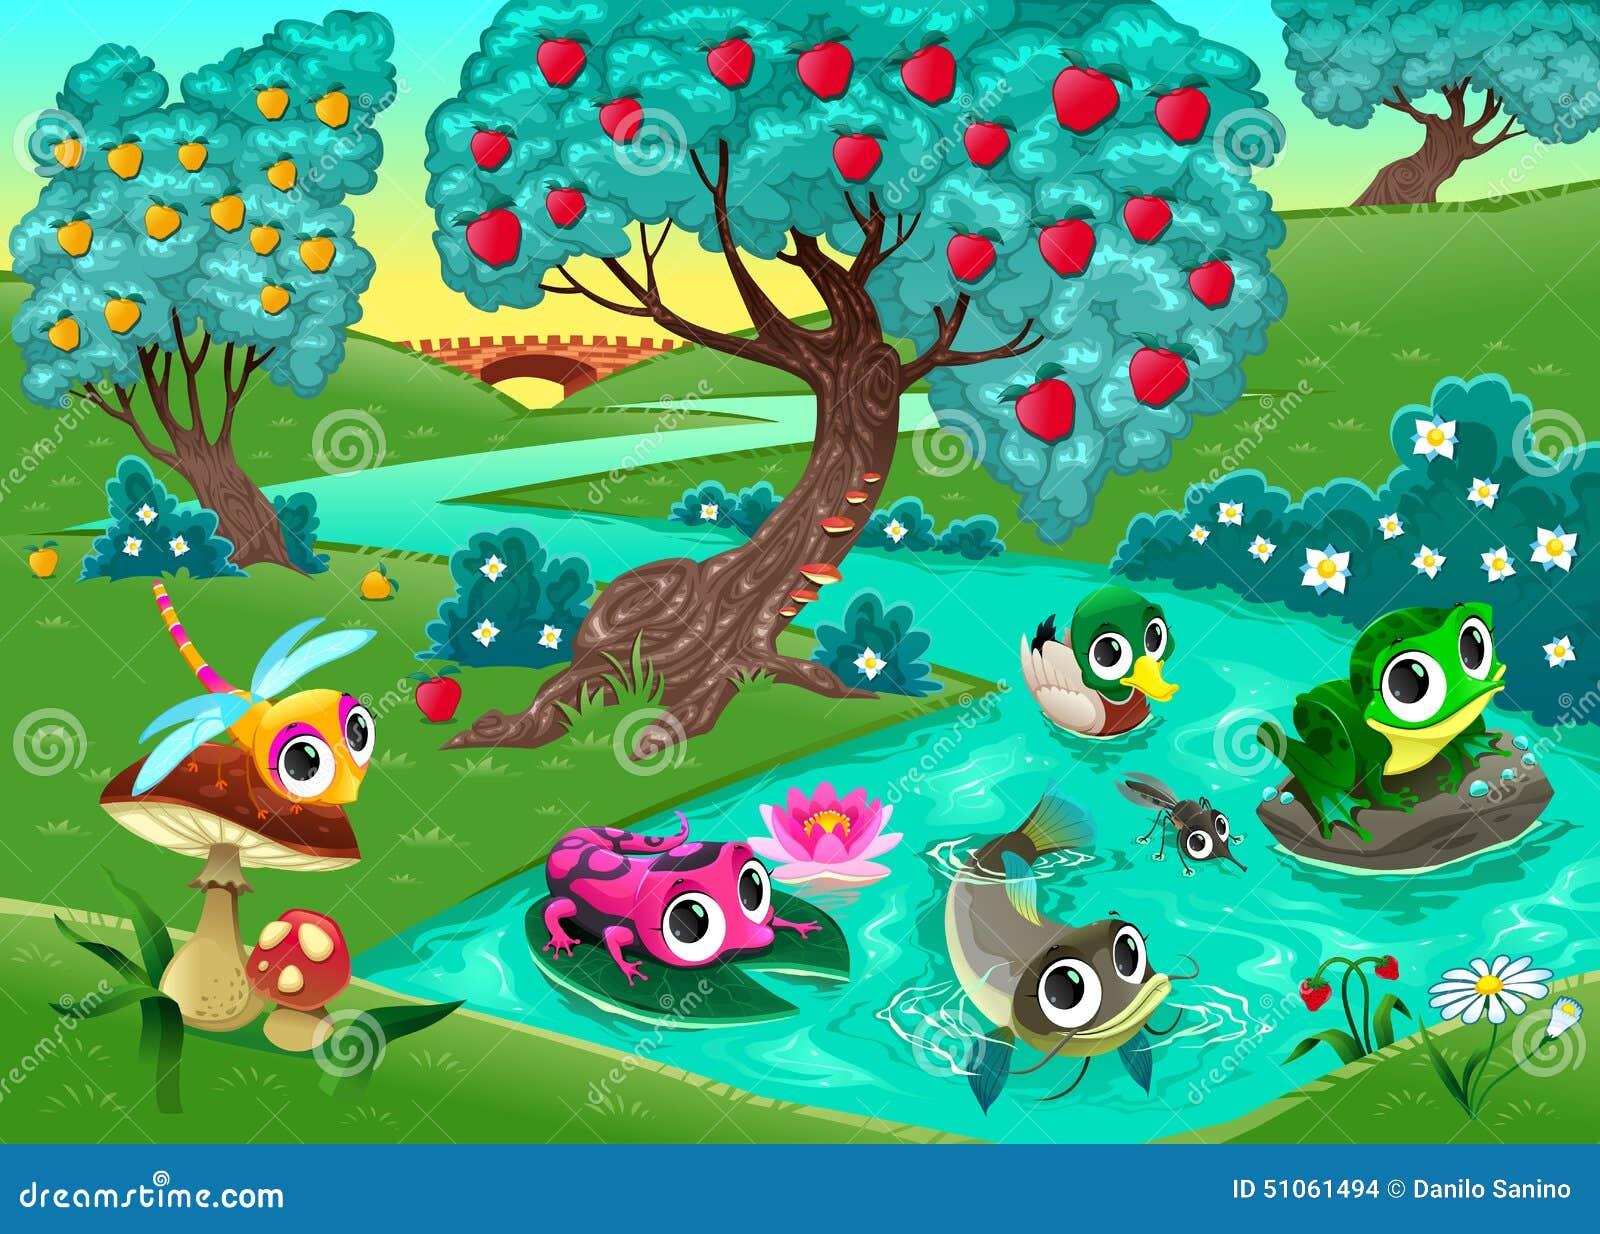 Grappige dieren op een rivier in het hout